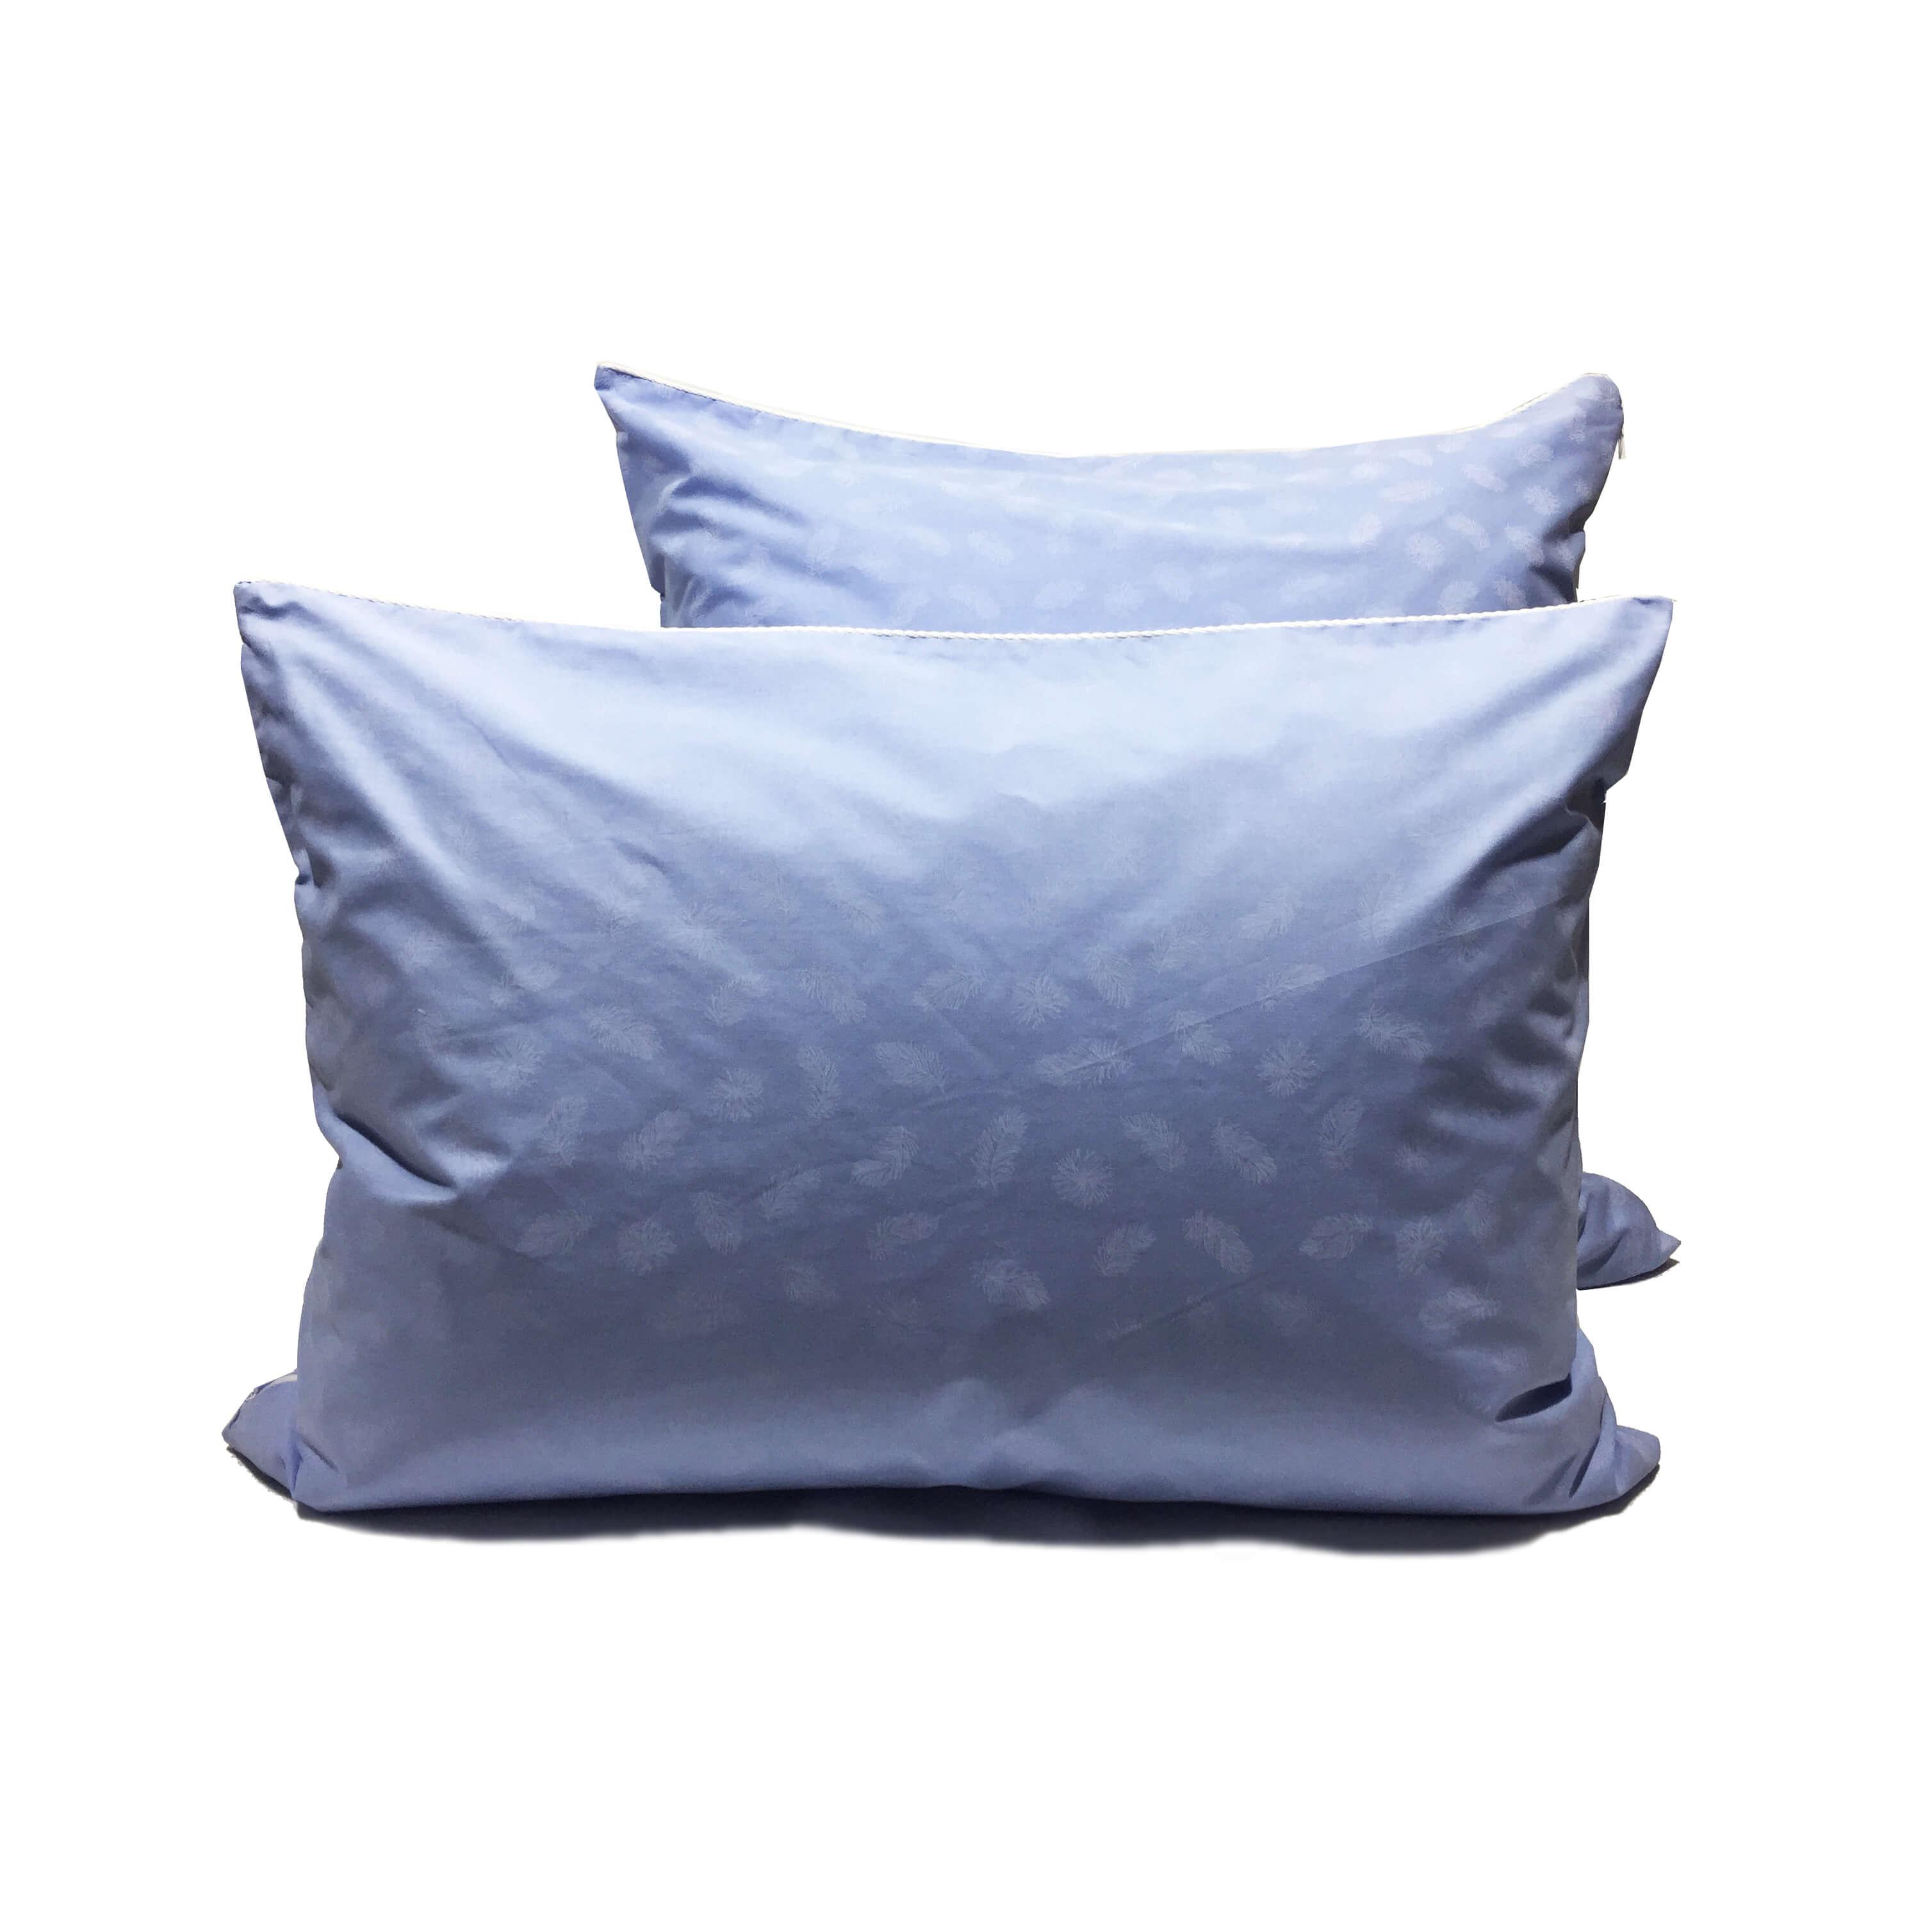 Наперник на молнии 50*70см, ПЭ+хлопок (Перья, голубой)